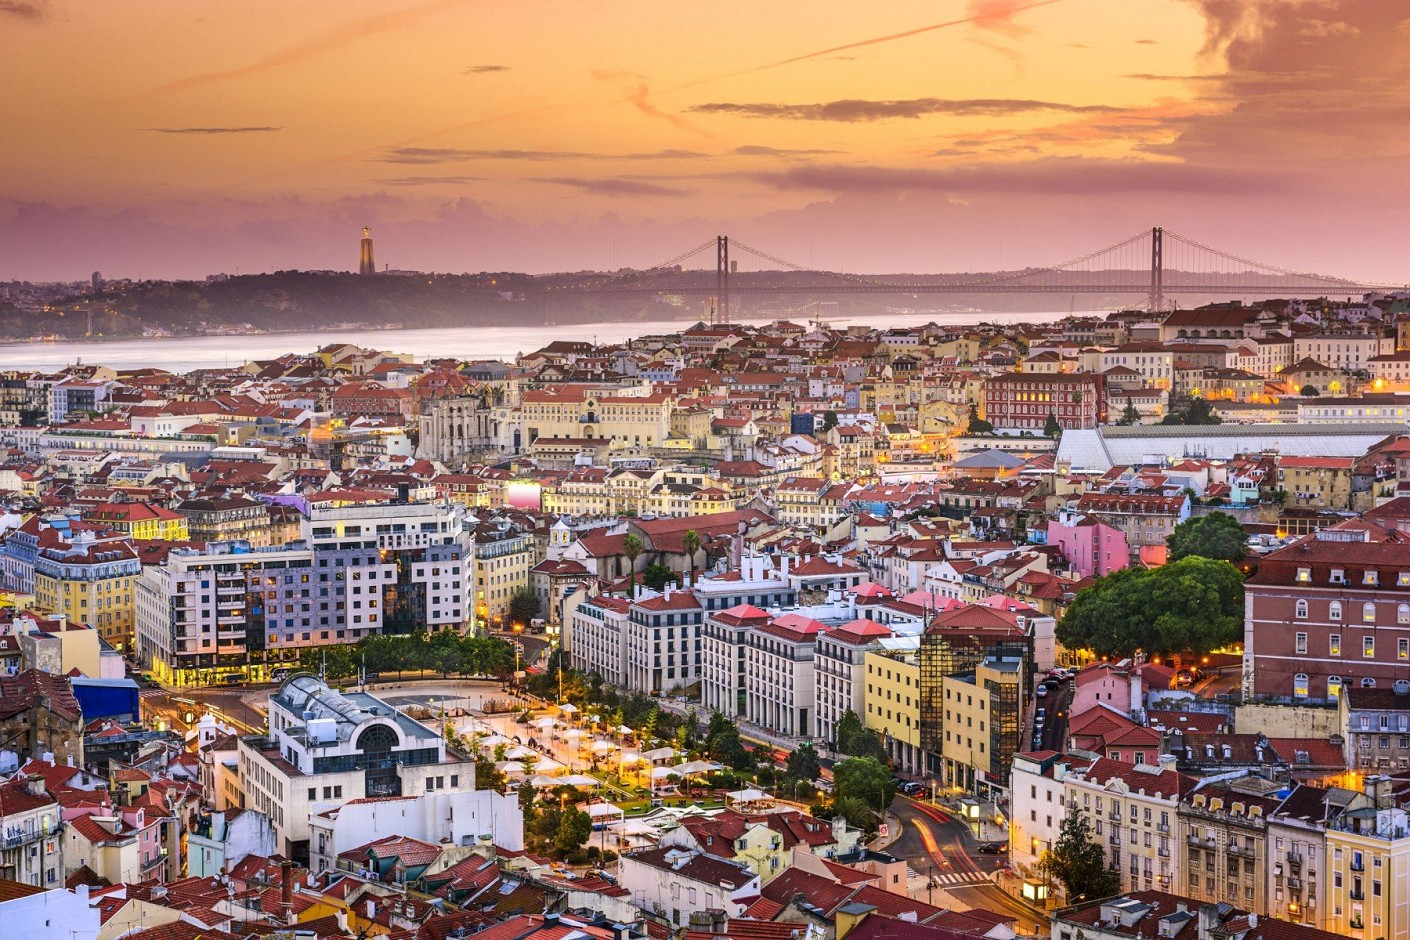 Ką verta žinoti prieš vykstant į Lisaboną?